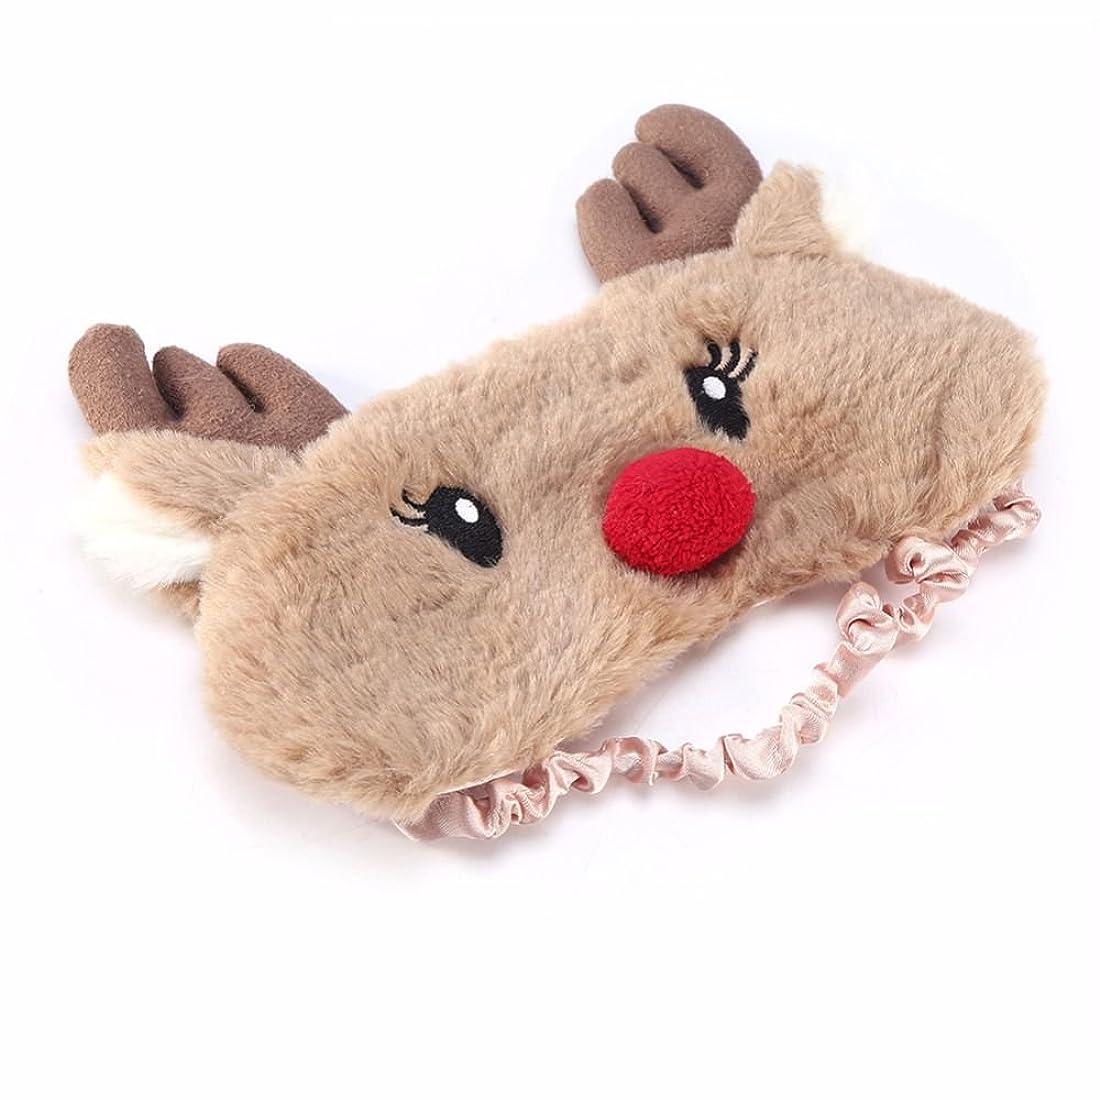 列車机ミニNOTE クリスマス鹿かわいいアニマルアイカバーぬいぐるみ布睡眠マスクアイパッチ冬漫画昼寝アイシェード用クリスマスギフト